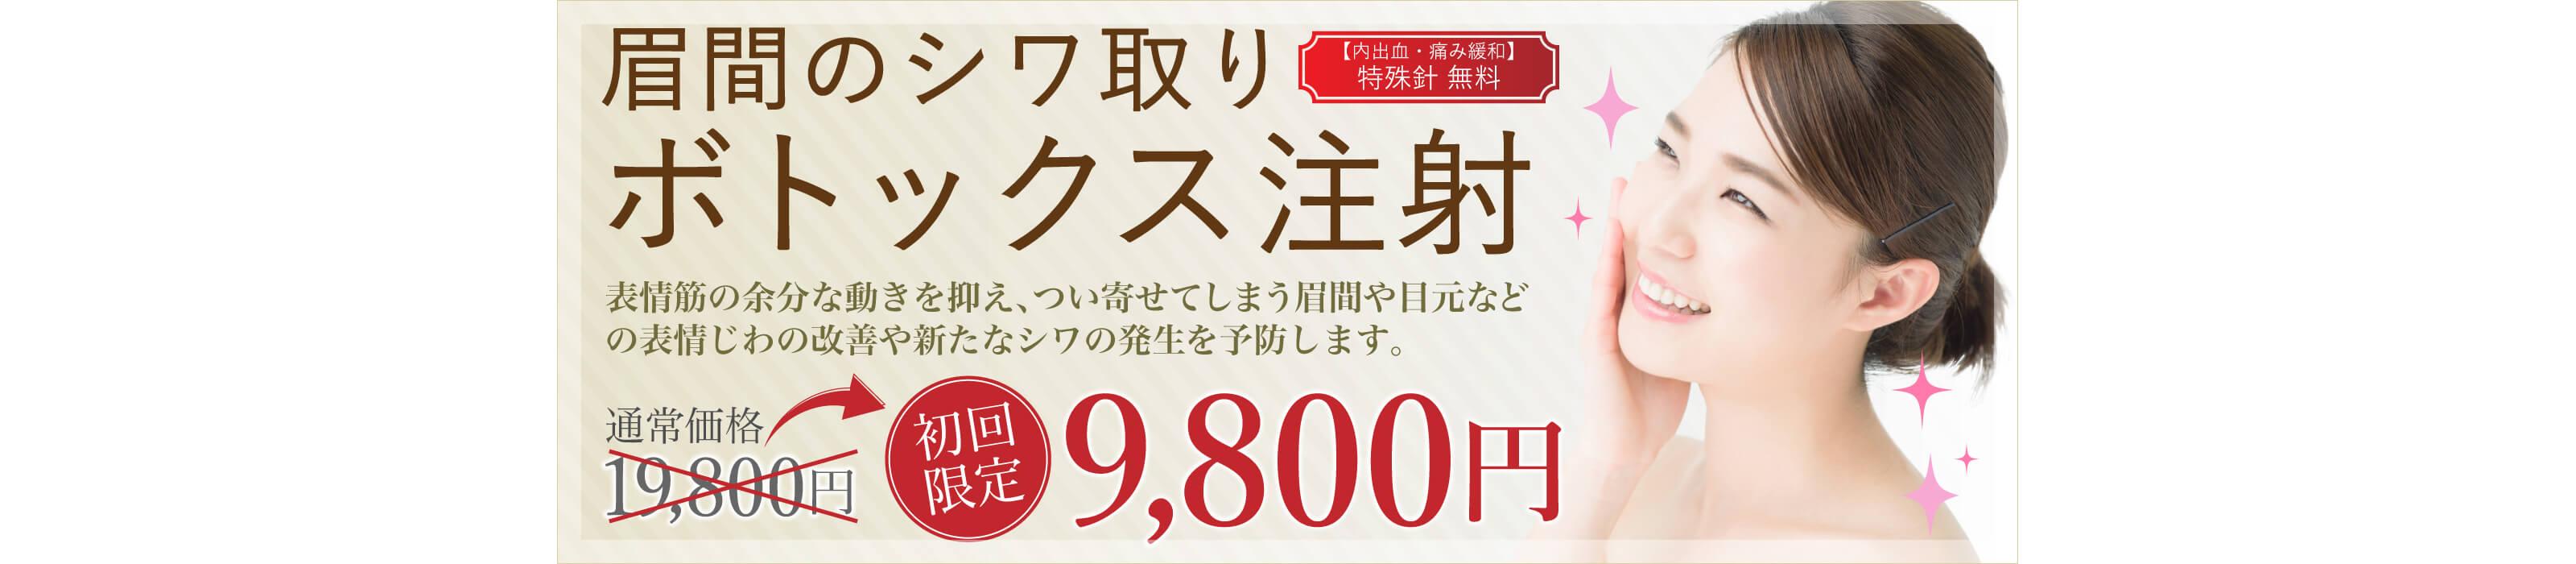 【ご新規様限定】アラガン社製ボトックス注射が税込み9,800円!